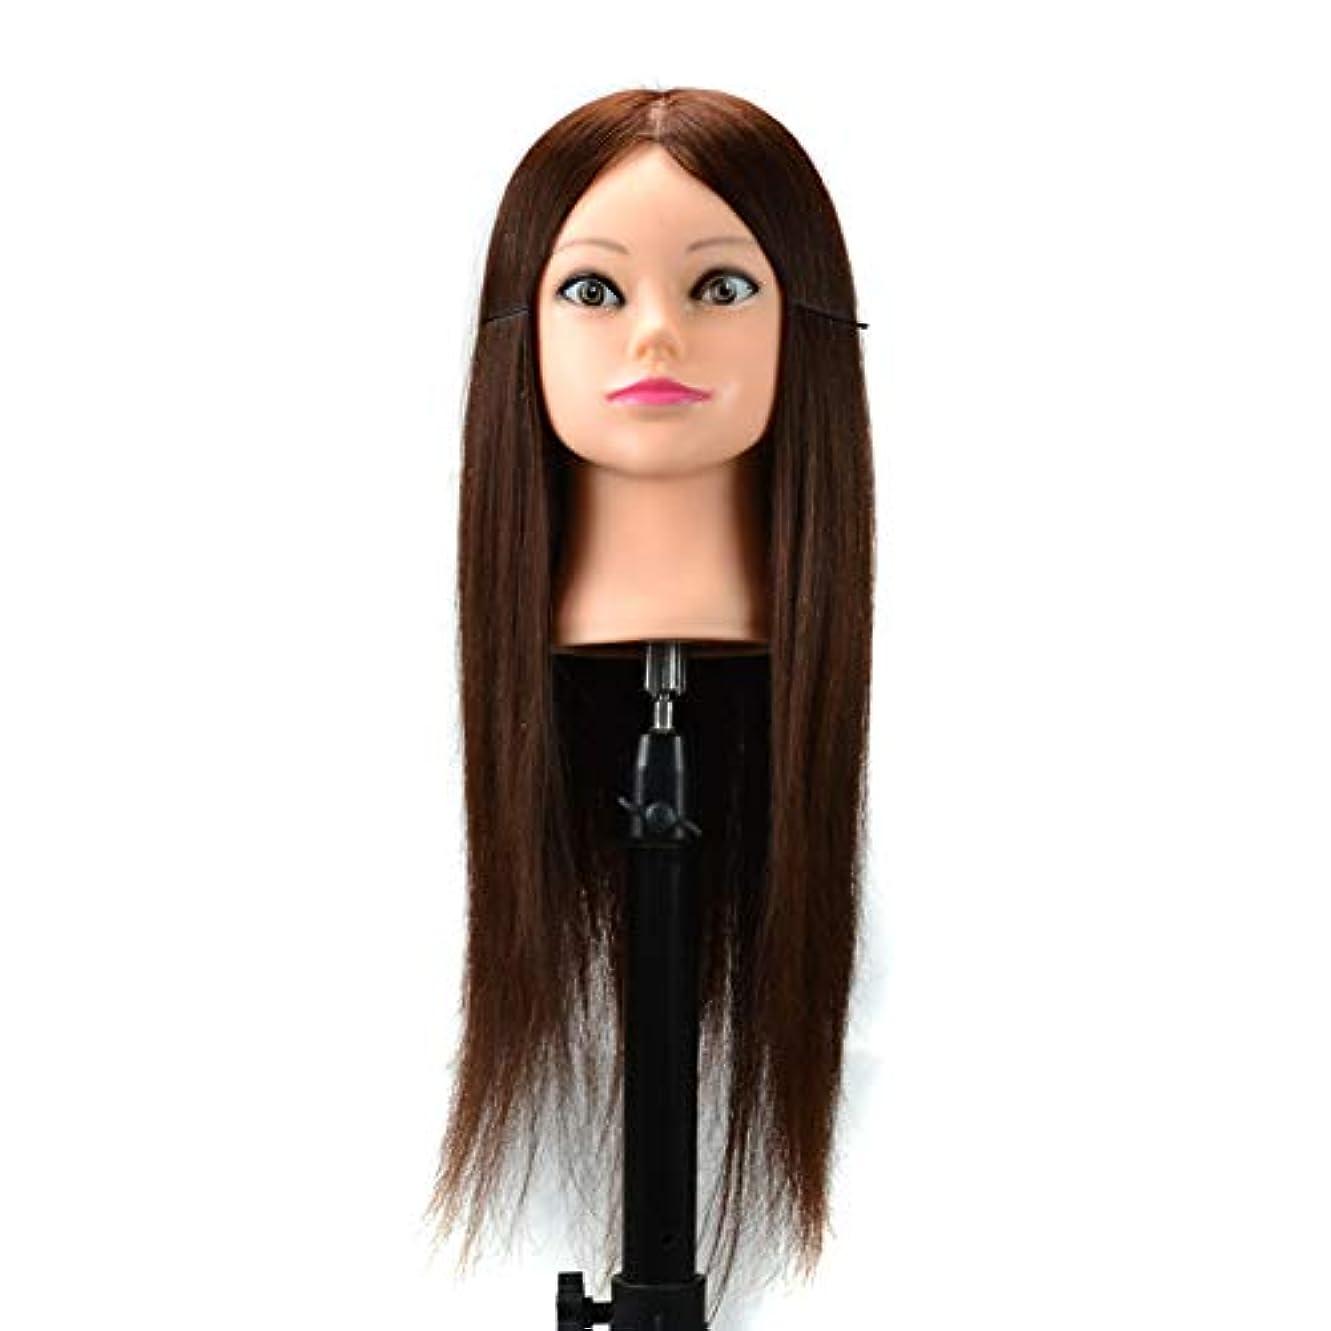 拮抗するベーリング海峡一定人間の髪の毛のトレーニングヘッドにすることができますヘアカール練習ヘッド型スタイリング編組ダミーヘッドディスクヘアメイクウィッグマネキンヘッド